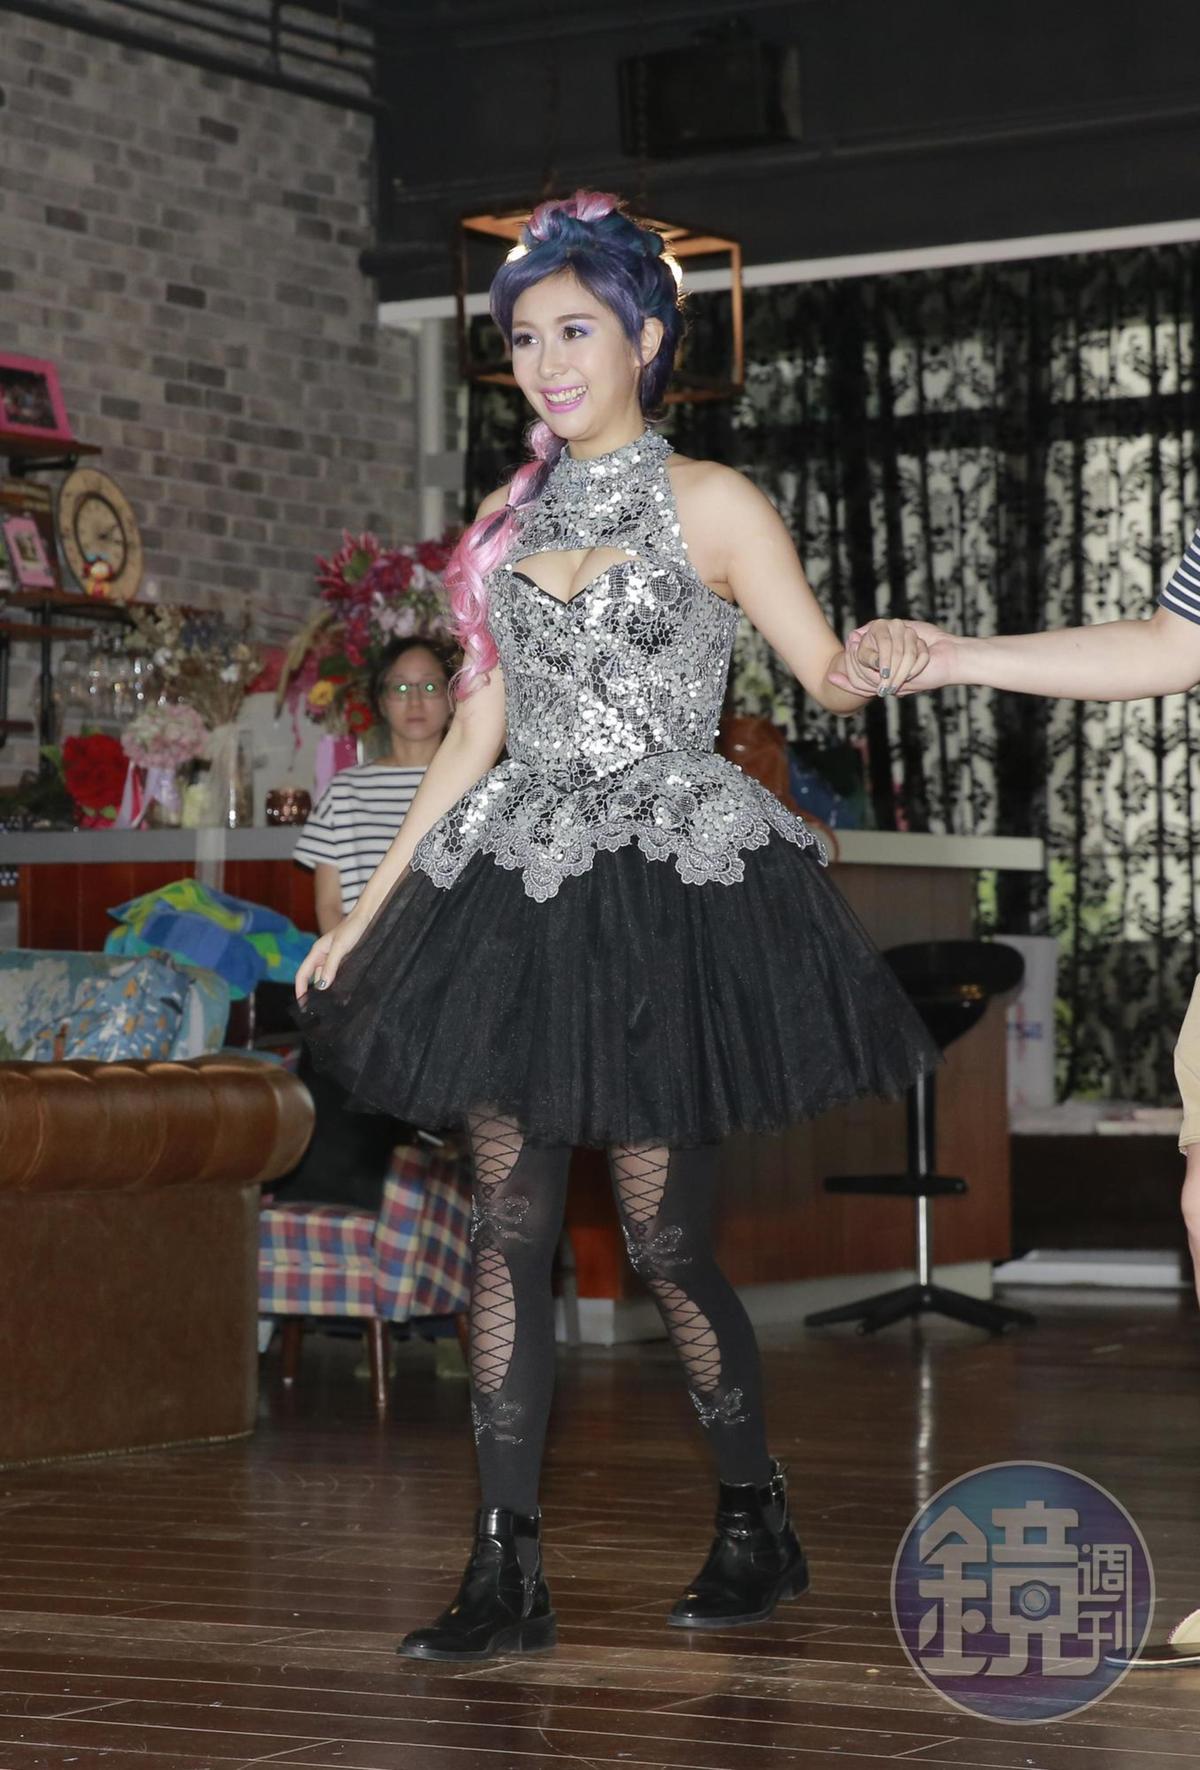 因為錄綜藝玩遊戲受傷,Albee走路仍需人攙扶,但她有信心會在9月正式開演時站上舞台。